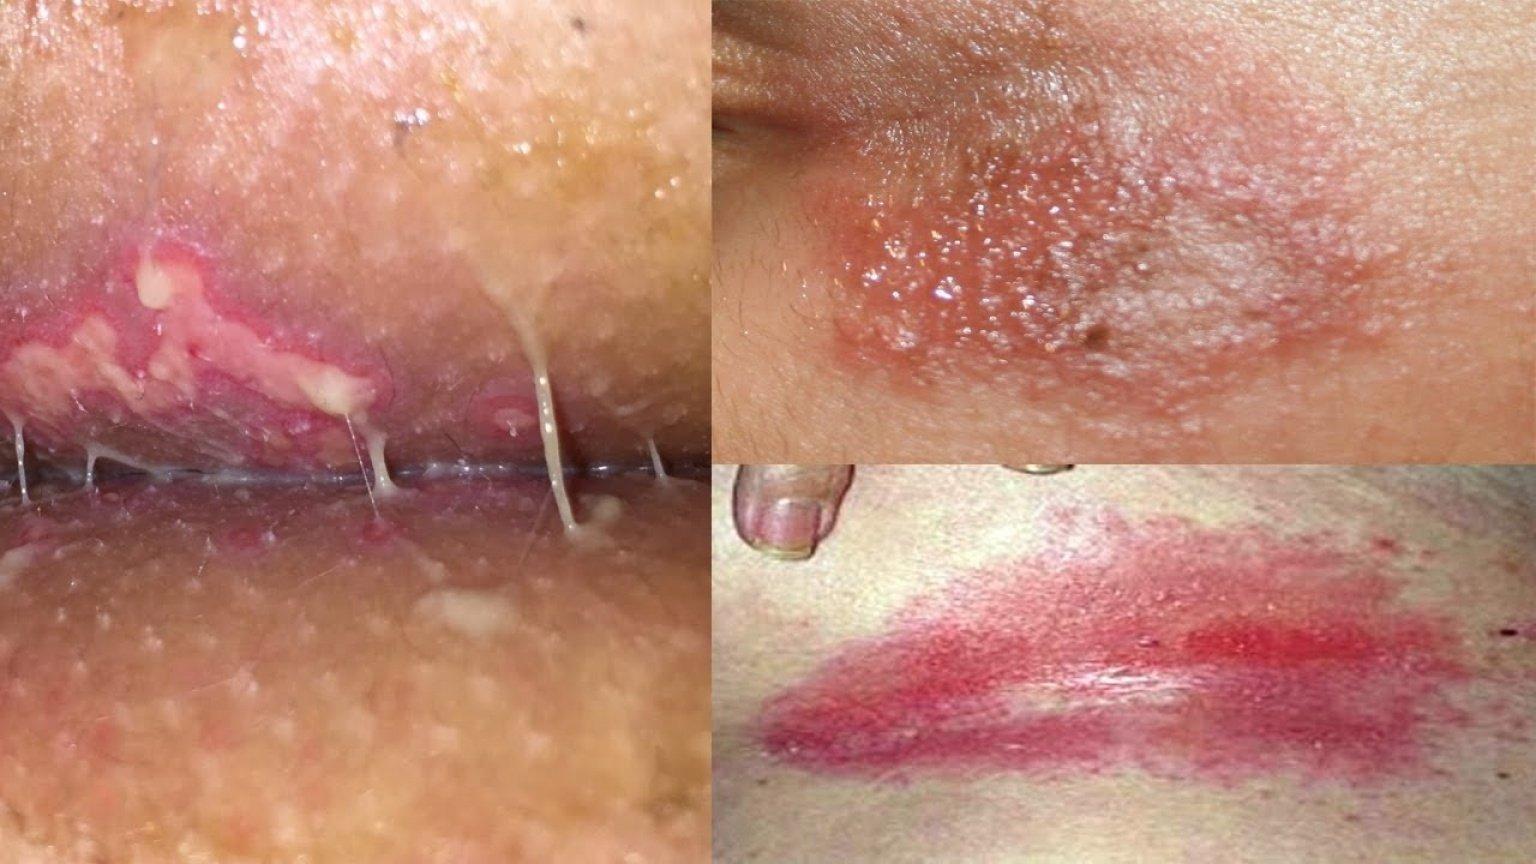 dolor en los ganglios linfáticos en el área de la ingle